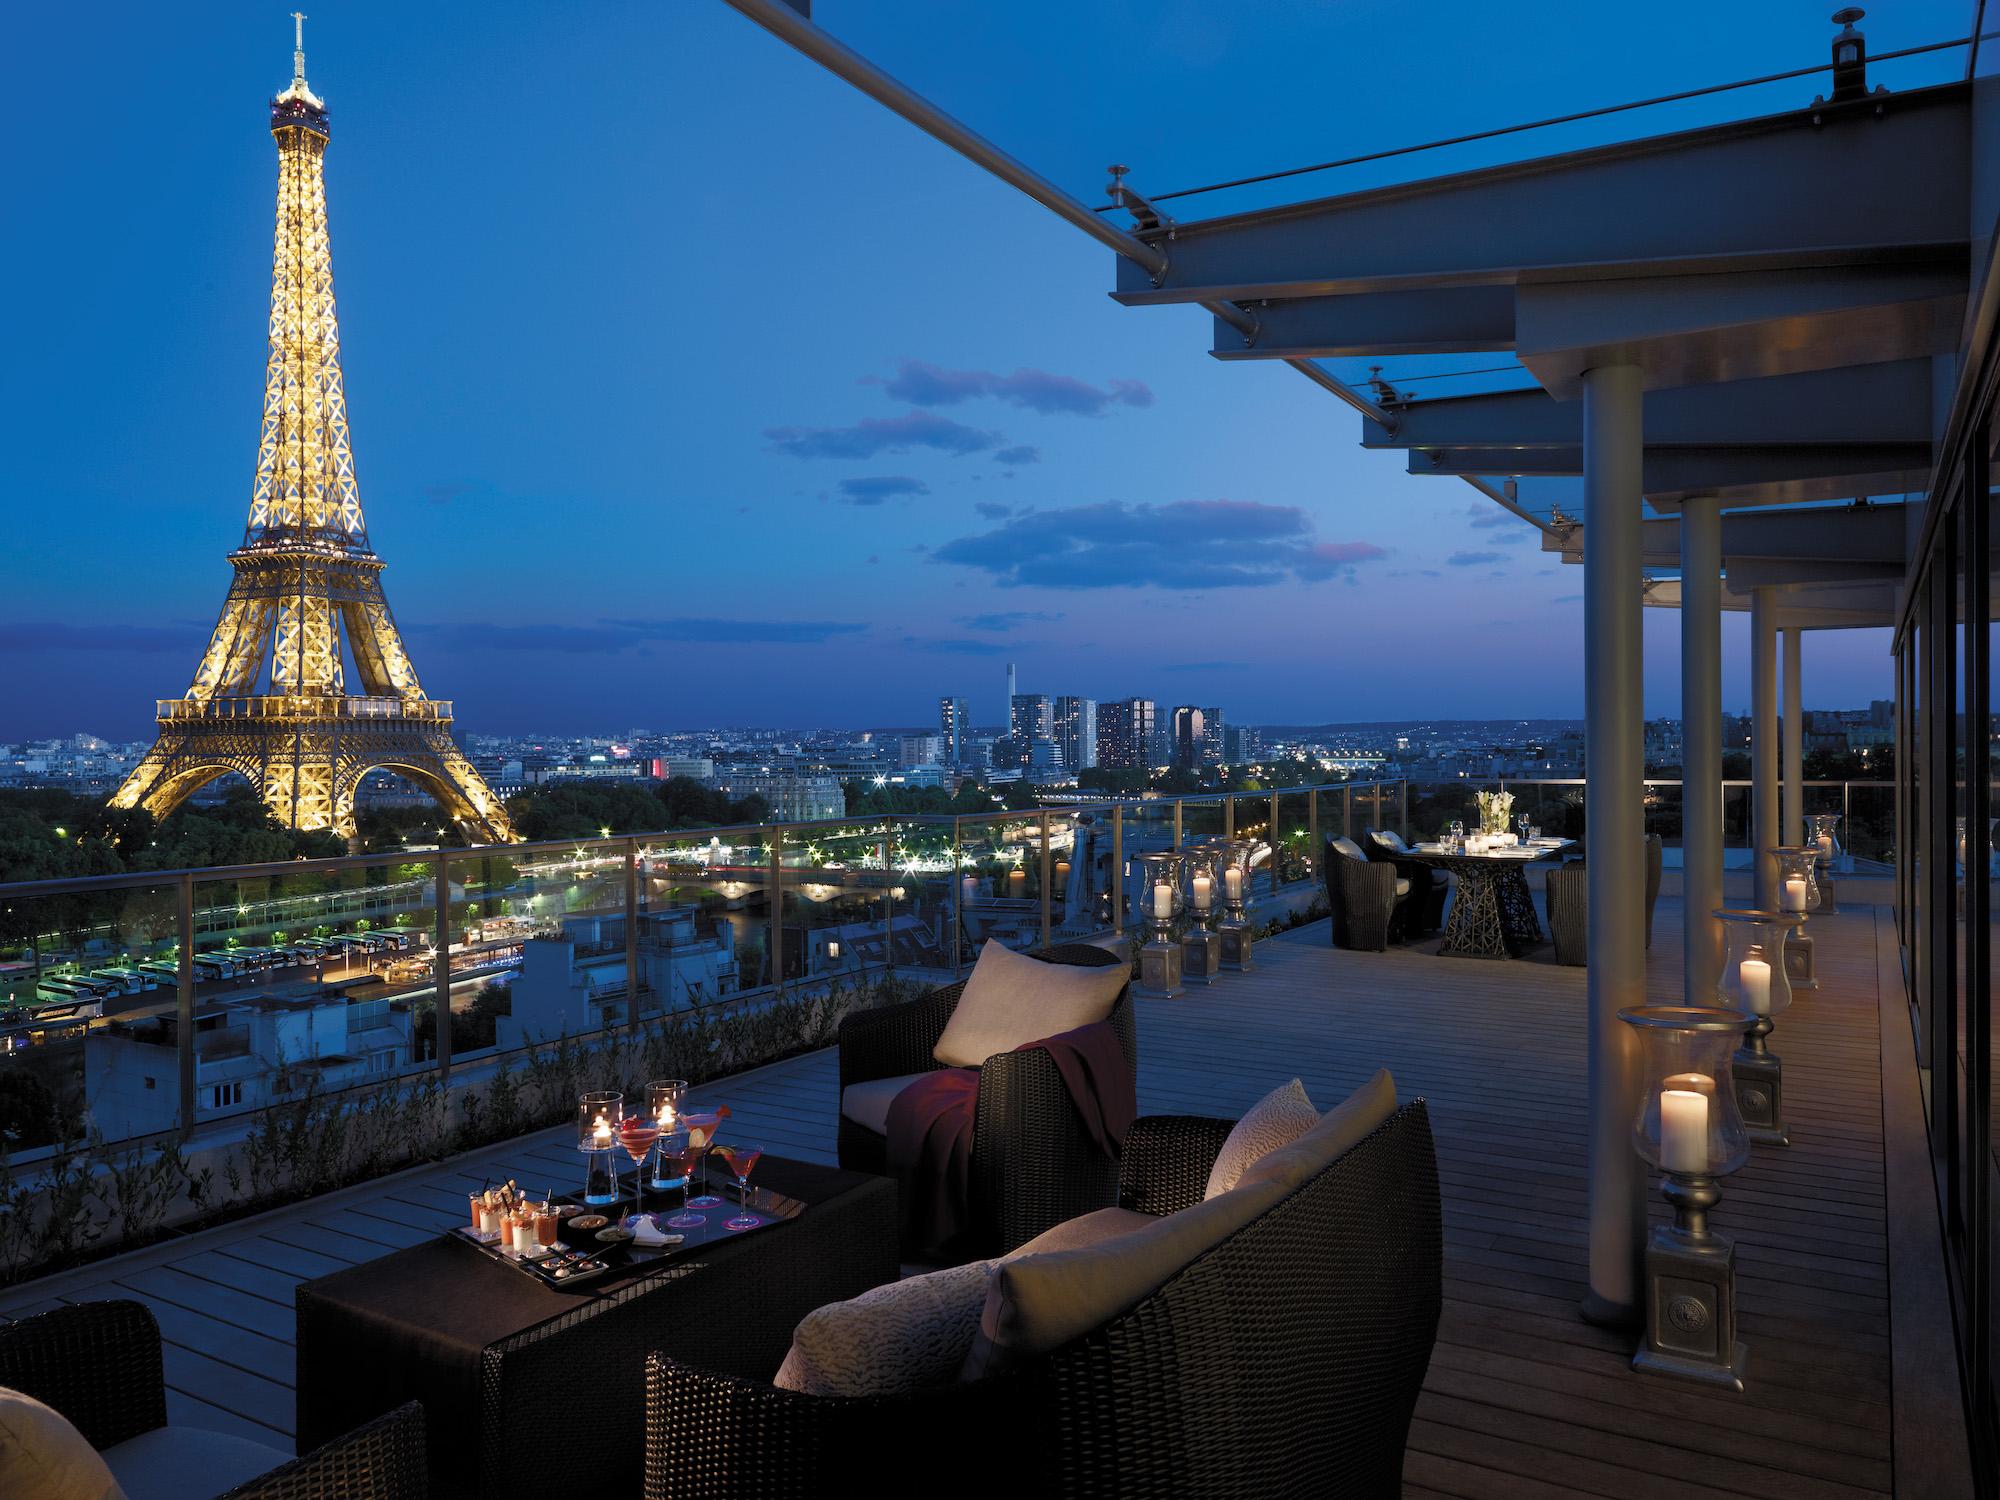 هتل شانگریلا علاوه بر سایر امکانات لوکس و رویایی امکان تماشای طلوع آفتاب را در کنار برج ایفل هم به شما می دهد